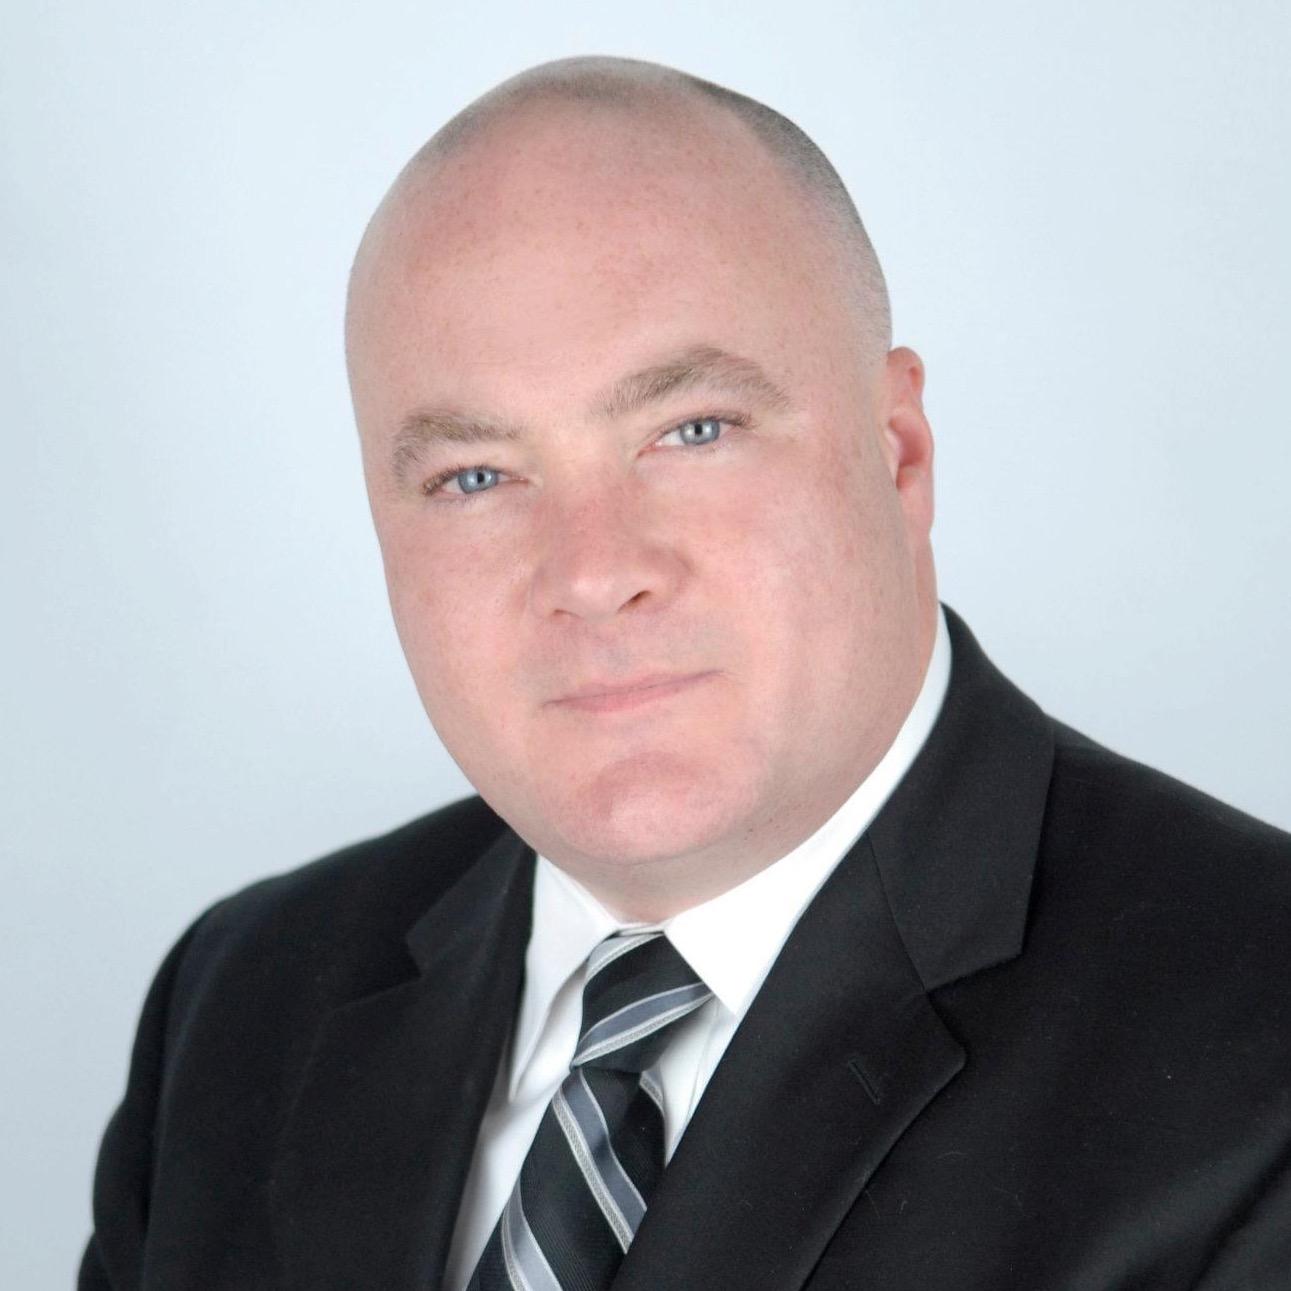 Barry McGoey